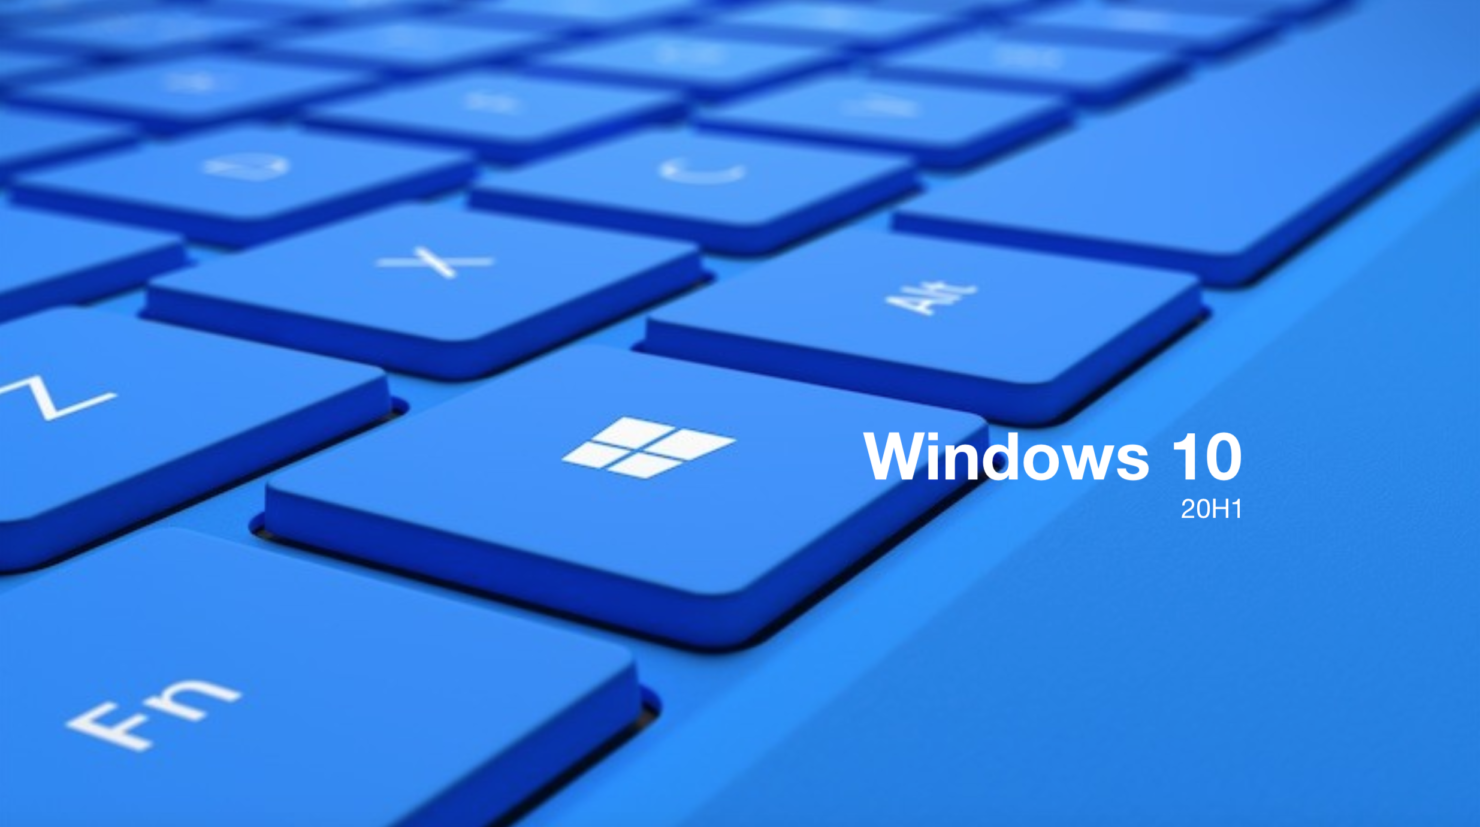 windows 10 20h1 windows 10 2004